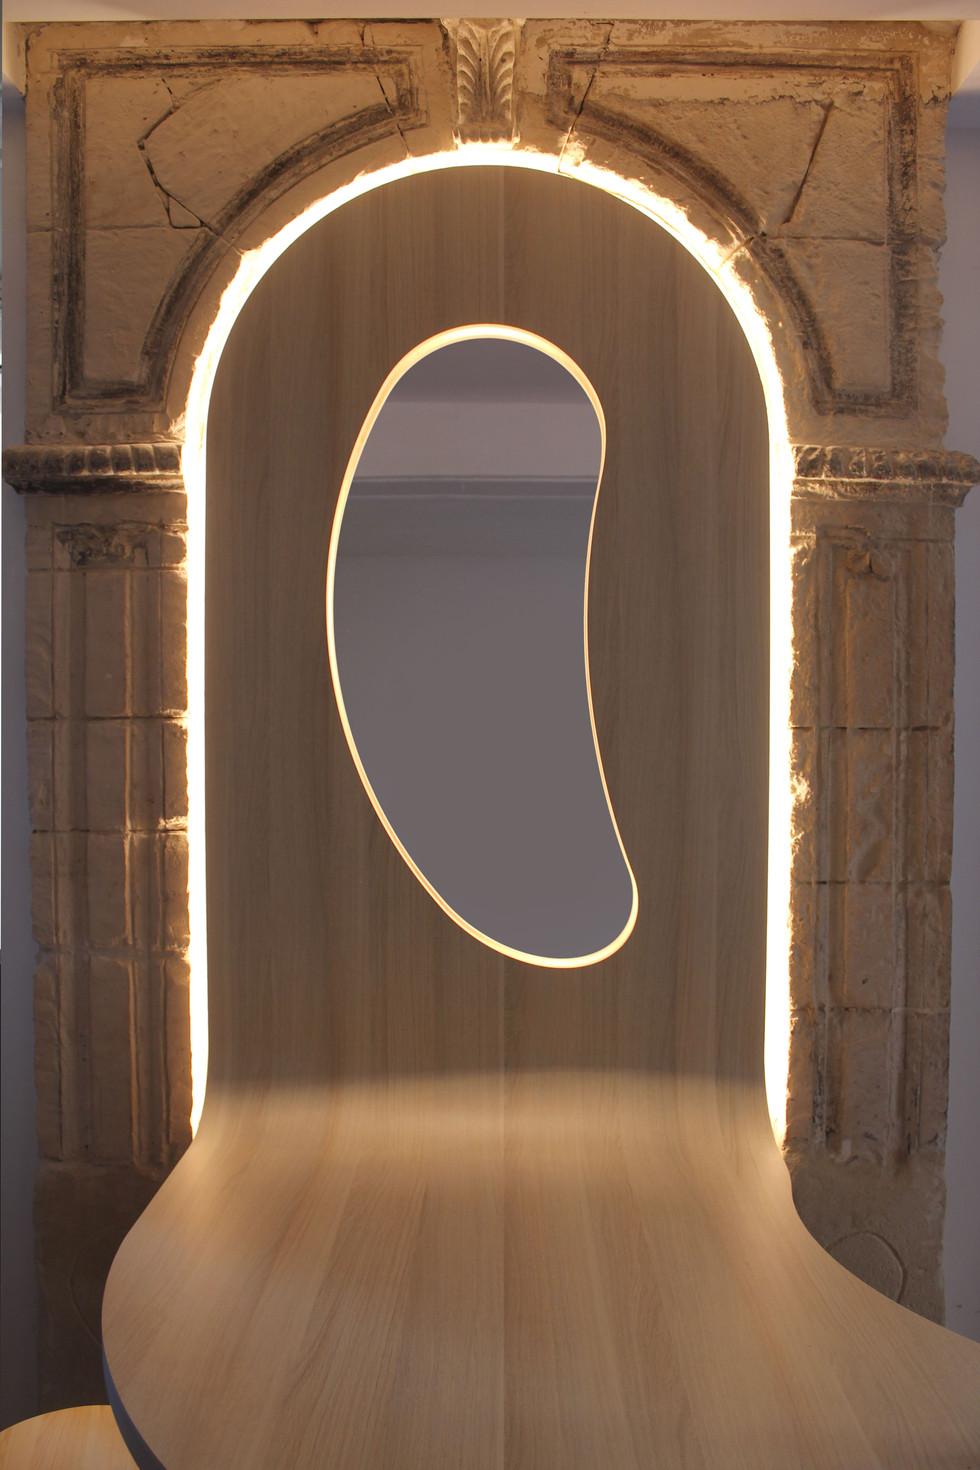 La table miroir éclairée